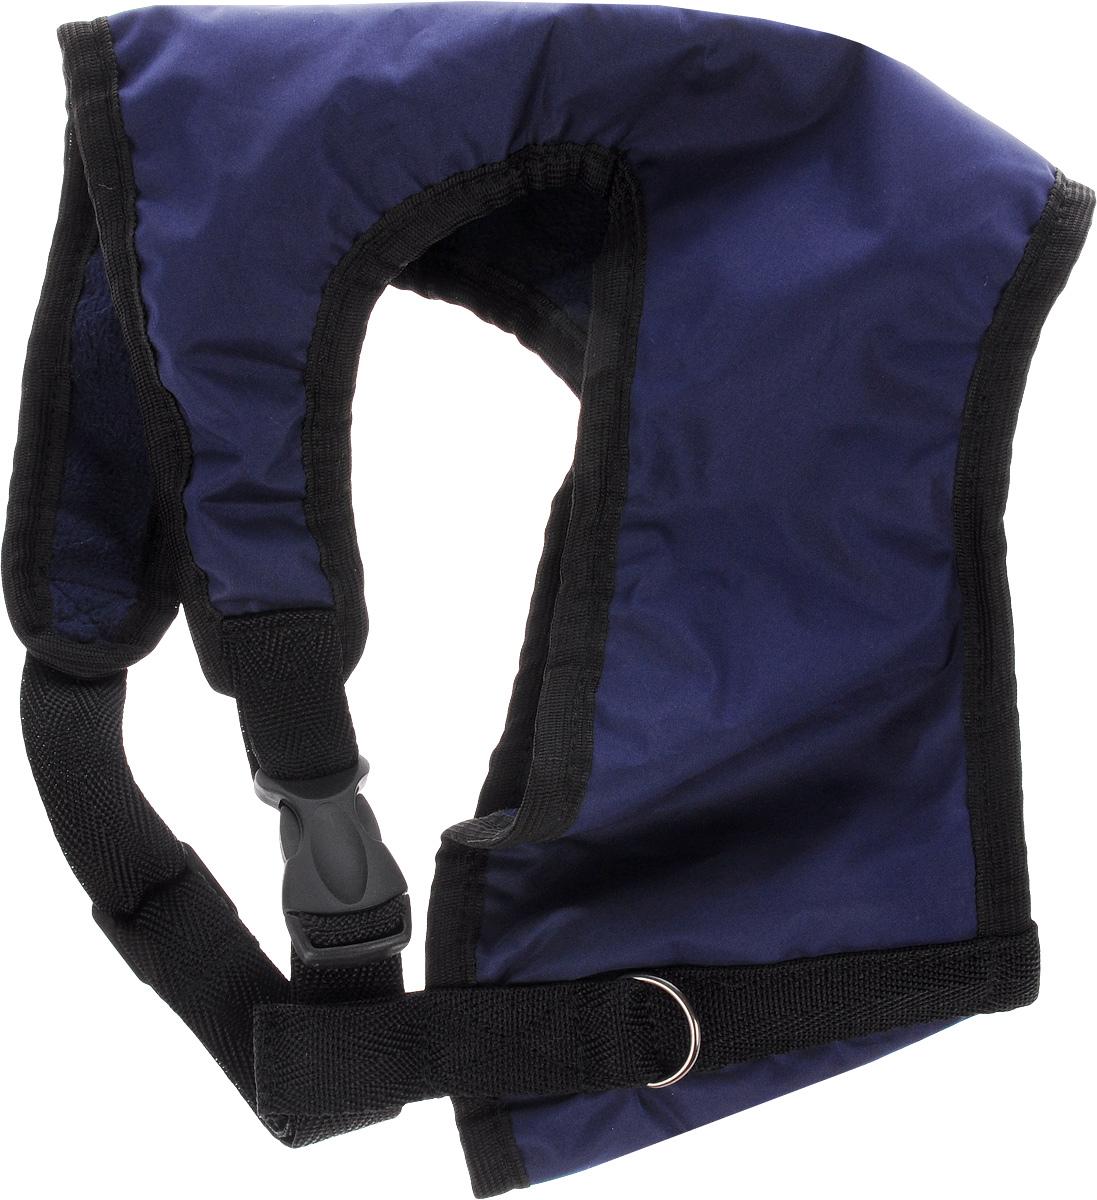 Шлейка для собак ЗооМарк, цвет: синий, черный. Размер 3Ш-3_синий, черныйШлейка для собак ЗооМарк выполнена из оксфорда, а на подкладке используется флис. Изделие оснащено специальным крючком, к которому вы с легкостью сможете прикрепить поводок. Шлейка имеет застежку фастекс и регулируется при помощи пряжки. Шлейка - это альтернатива ошейнику. Правильно подобранная шлейка не стесняет движения питомца, не натирает кожу, поэтому животное чувствует себя в ней уверенно и комфортно. Изделие отличается высоким качеством, удобством и универсальностью. Обхват груди: 25-30 см. Длина спинки: 17 см. Ширина ремней: 2 см.